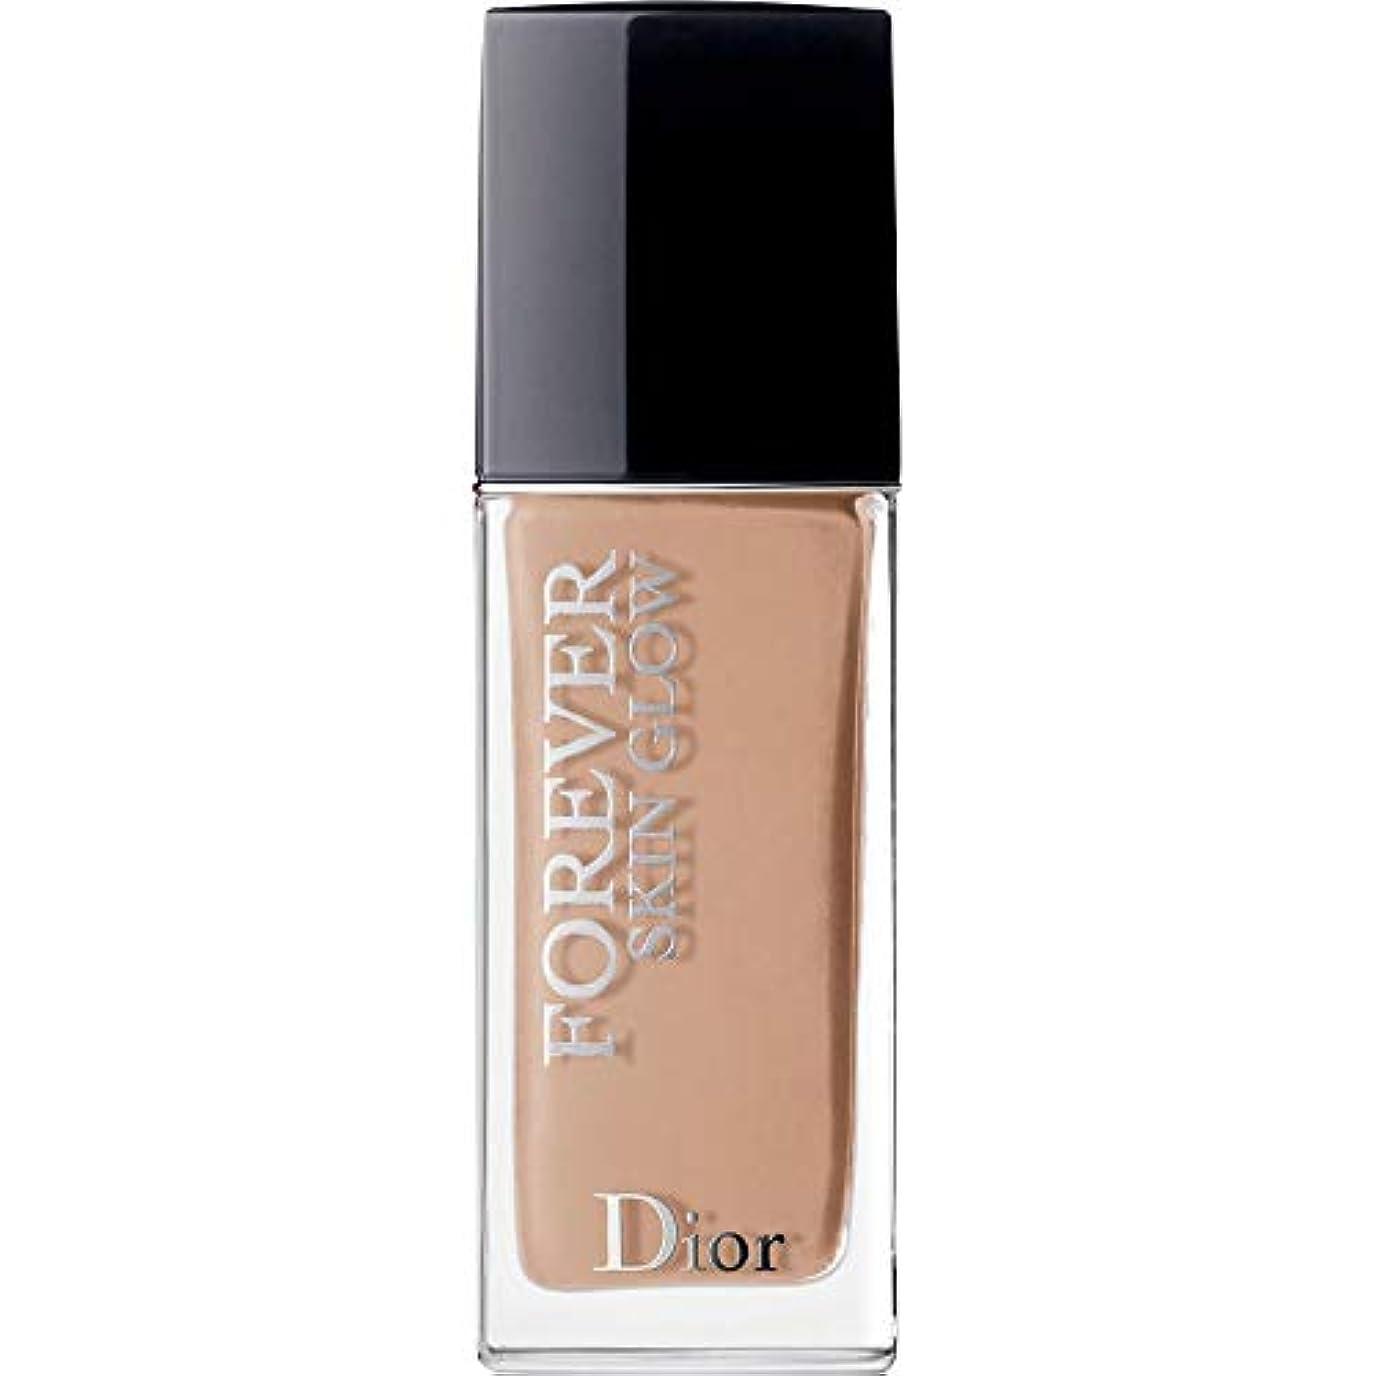 呼ぶ再編成する遮る[Dior ] ディオール永遠に皮膚グロー皮膚思いやりの基礎Spf35 30ミリリットル4Cを - クール(肌の輝き) - DIOR Forever Skin Glow Skin-Caring Foundation SPF35...